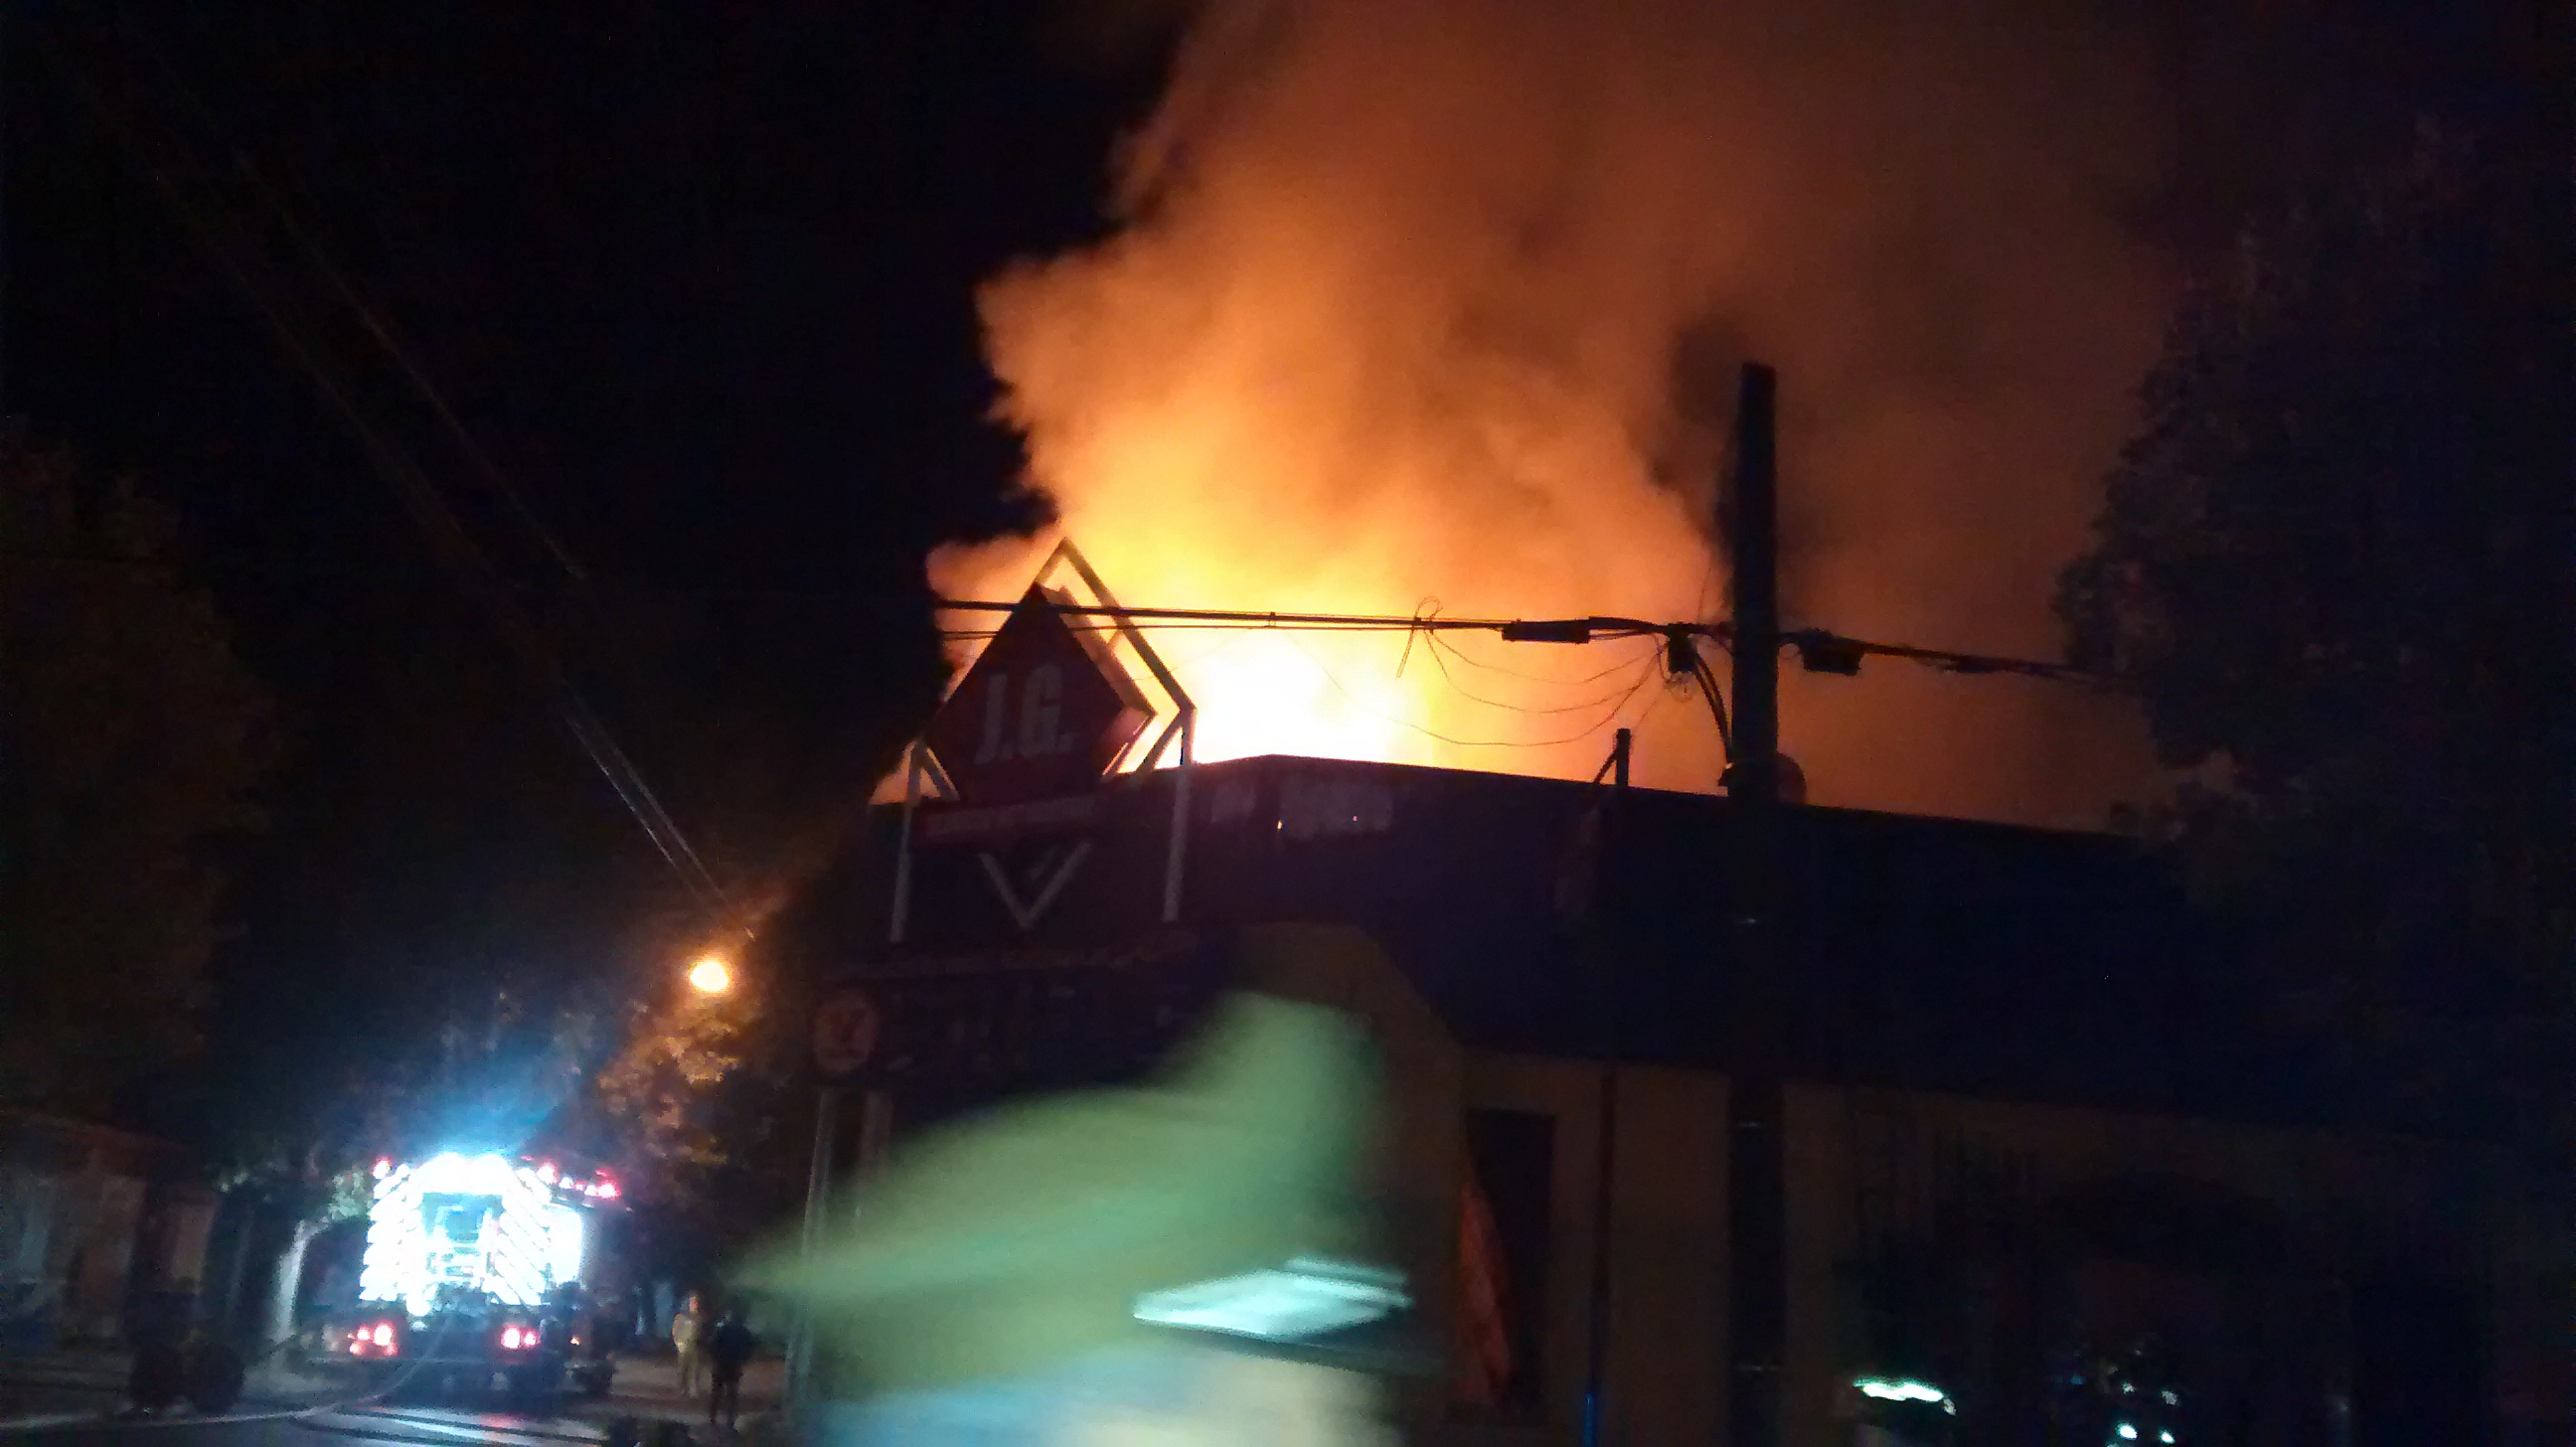 Incendio destruye cuatro locales comerciales esta mañana en Talca